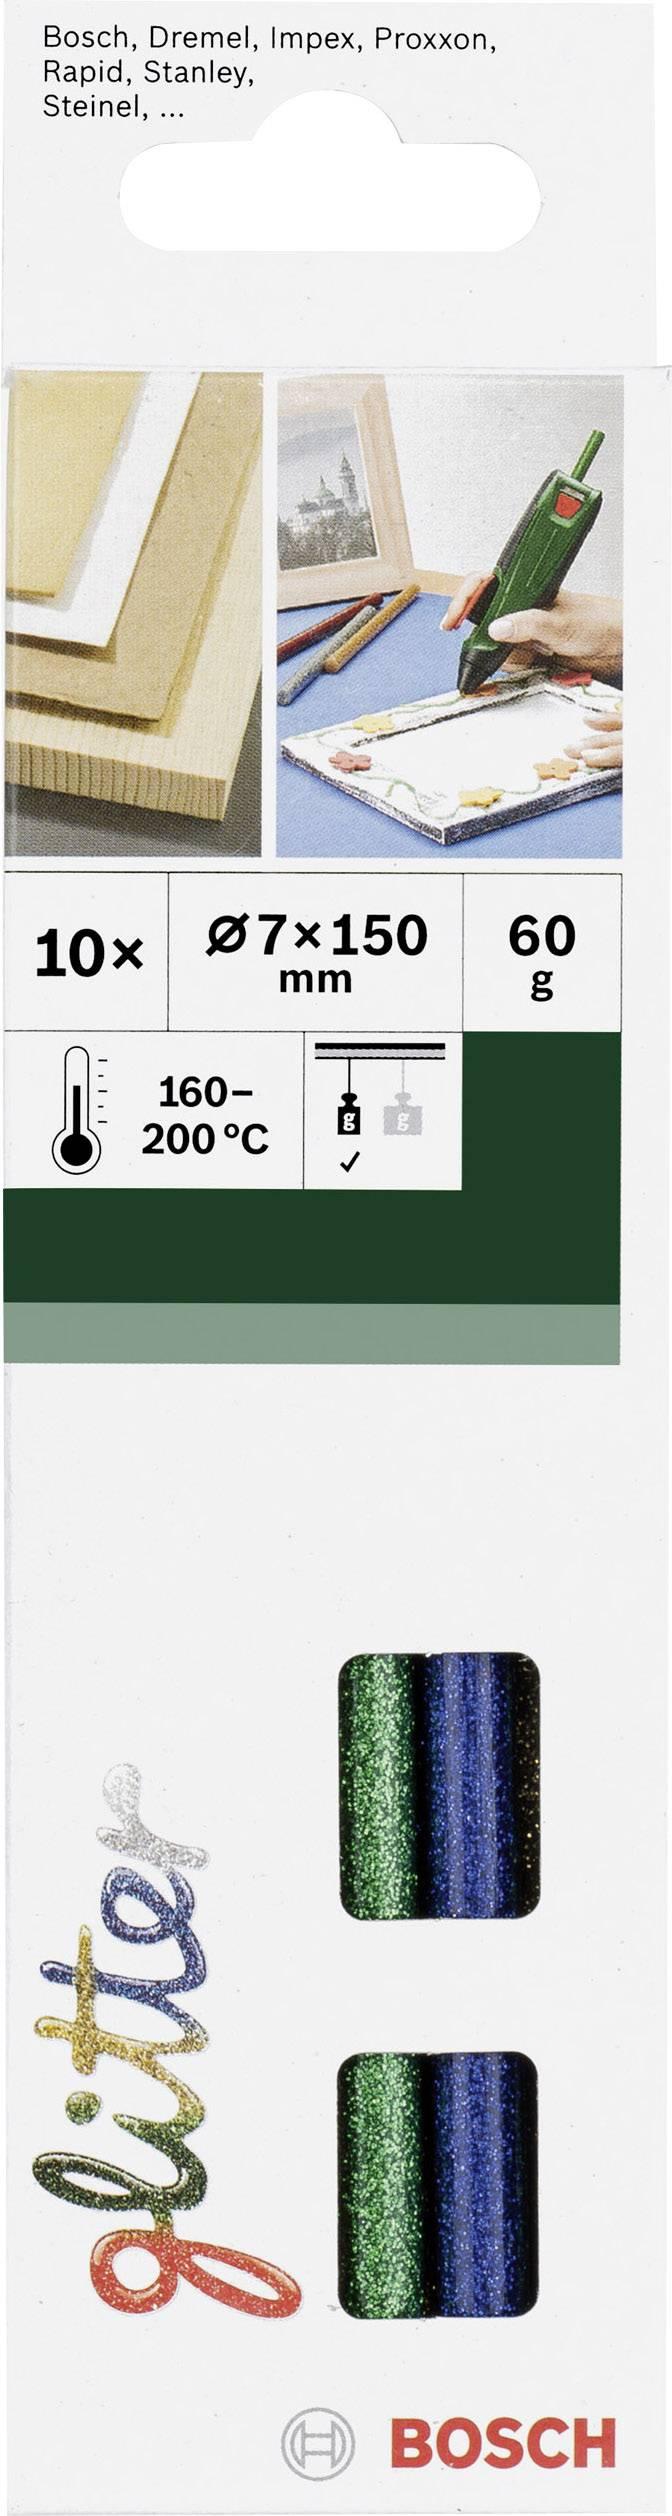 Lepicí tyčinky Bosch Accessories 2609256D31, Ø 7 mm, délka 150 mm, 10 ks, různé barvy tříděné (třpyt)